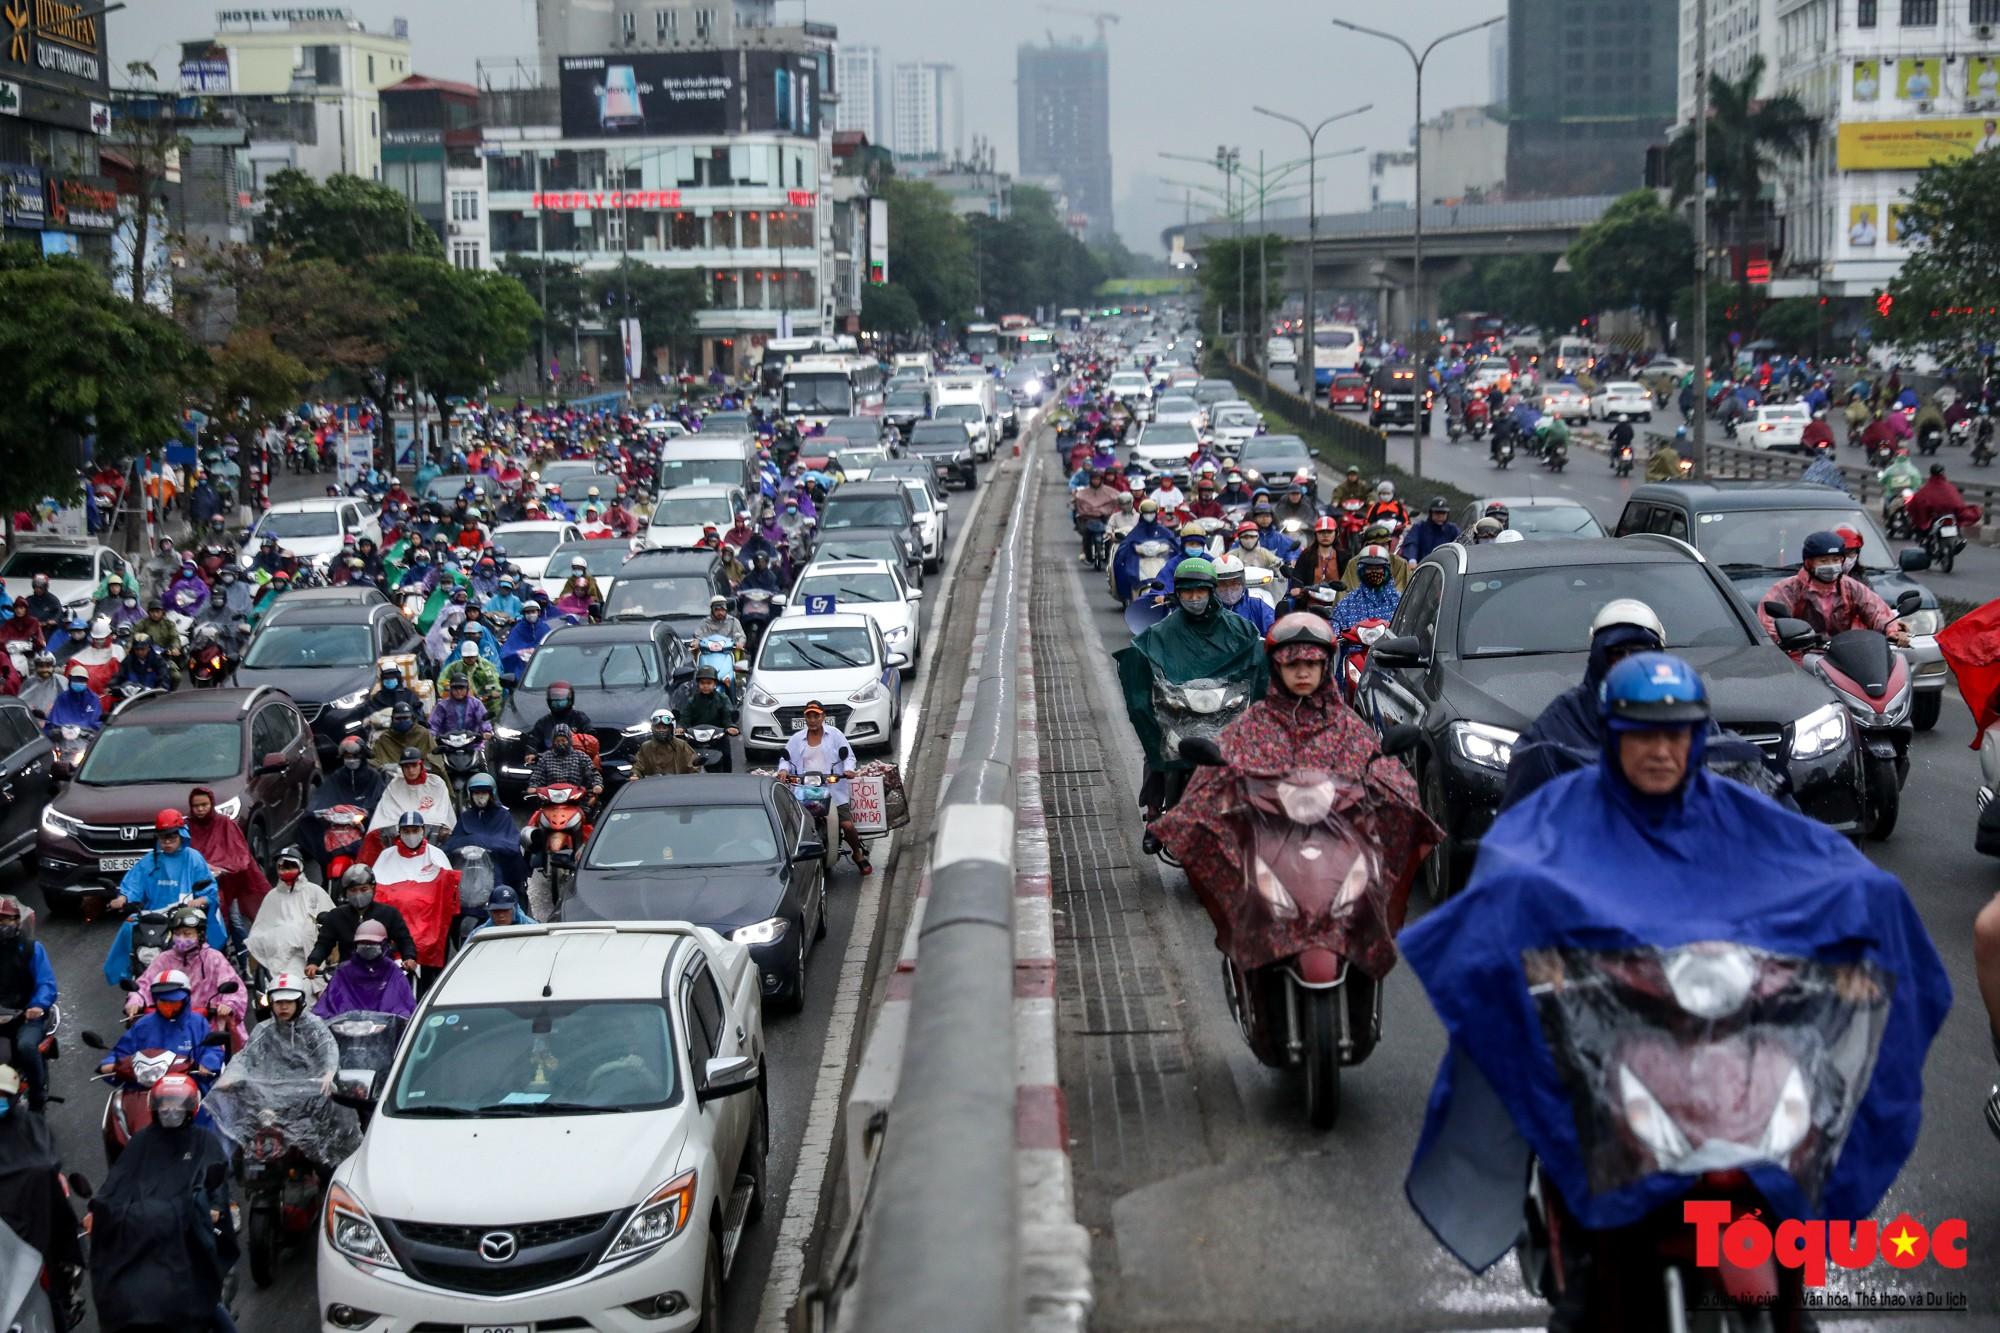 Nhìn những hình ảnh này mới thấy đề xuất cấm xe máy 6 tuyến phố Hà Nội là vô cảm với người dân nghèo - Ảnh 4.